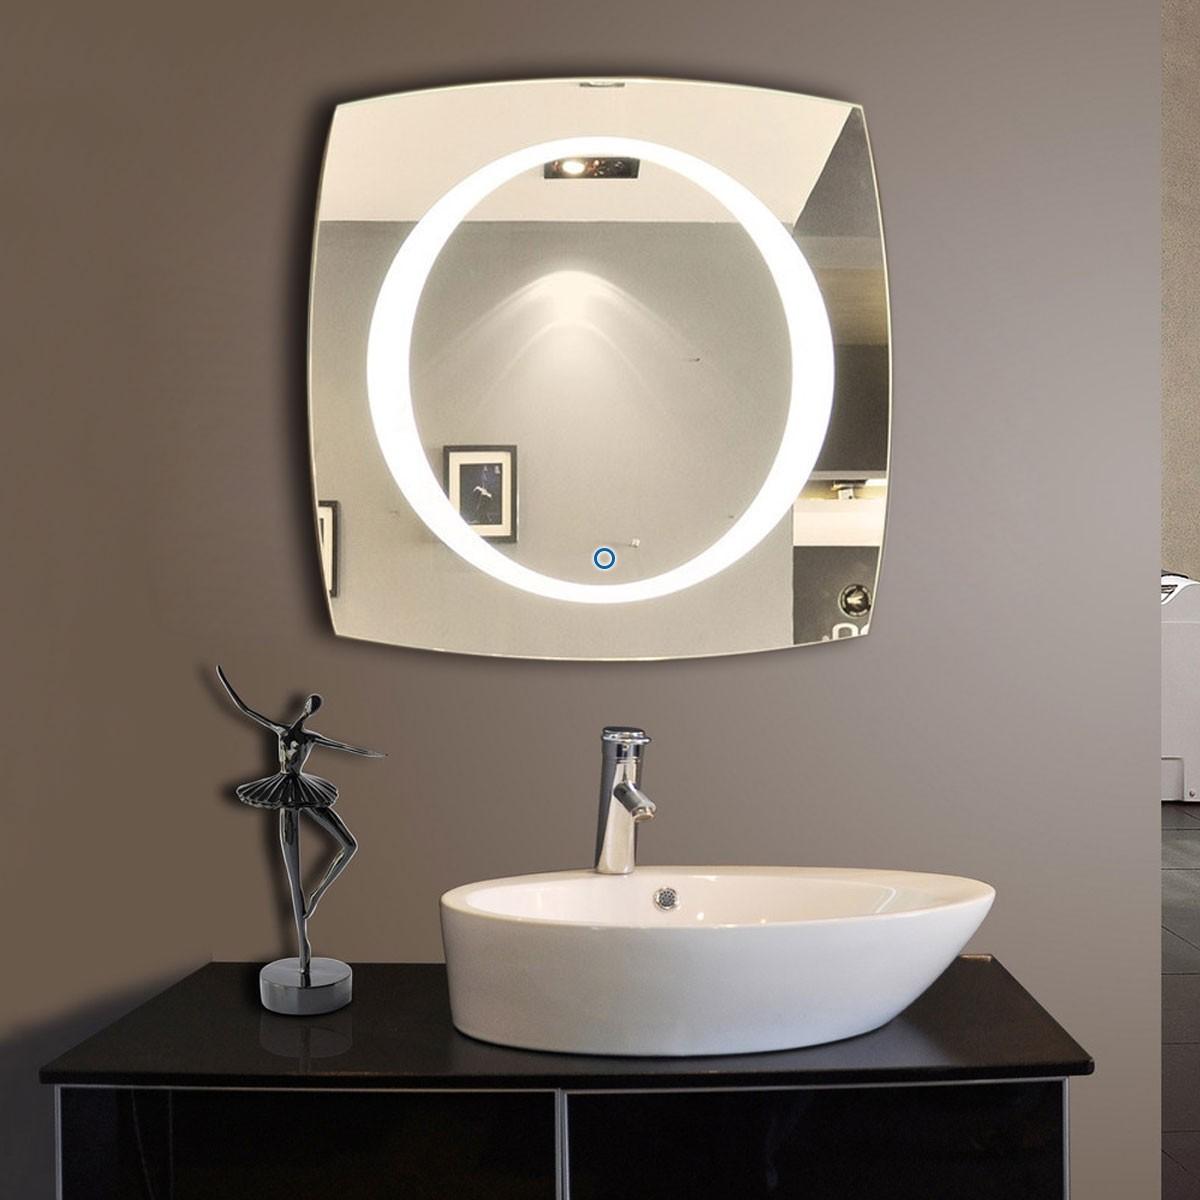 40 x 40 po Miroir LED Salle de Bain Vertical avec l Interrupteur